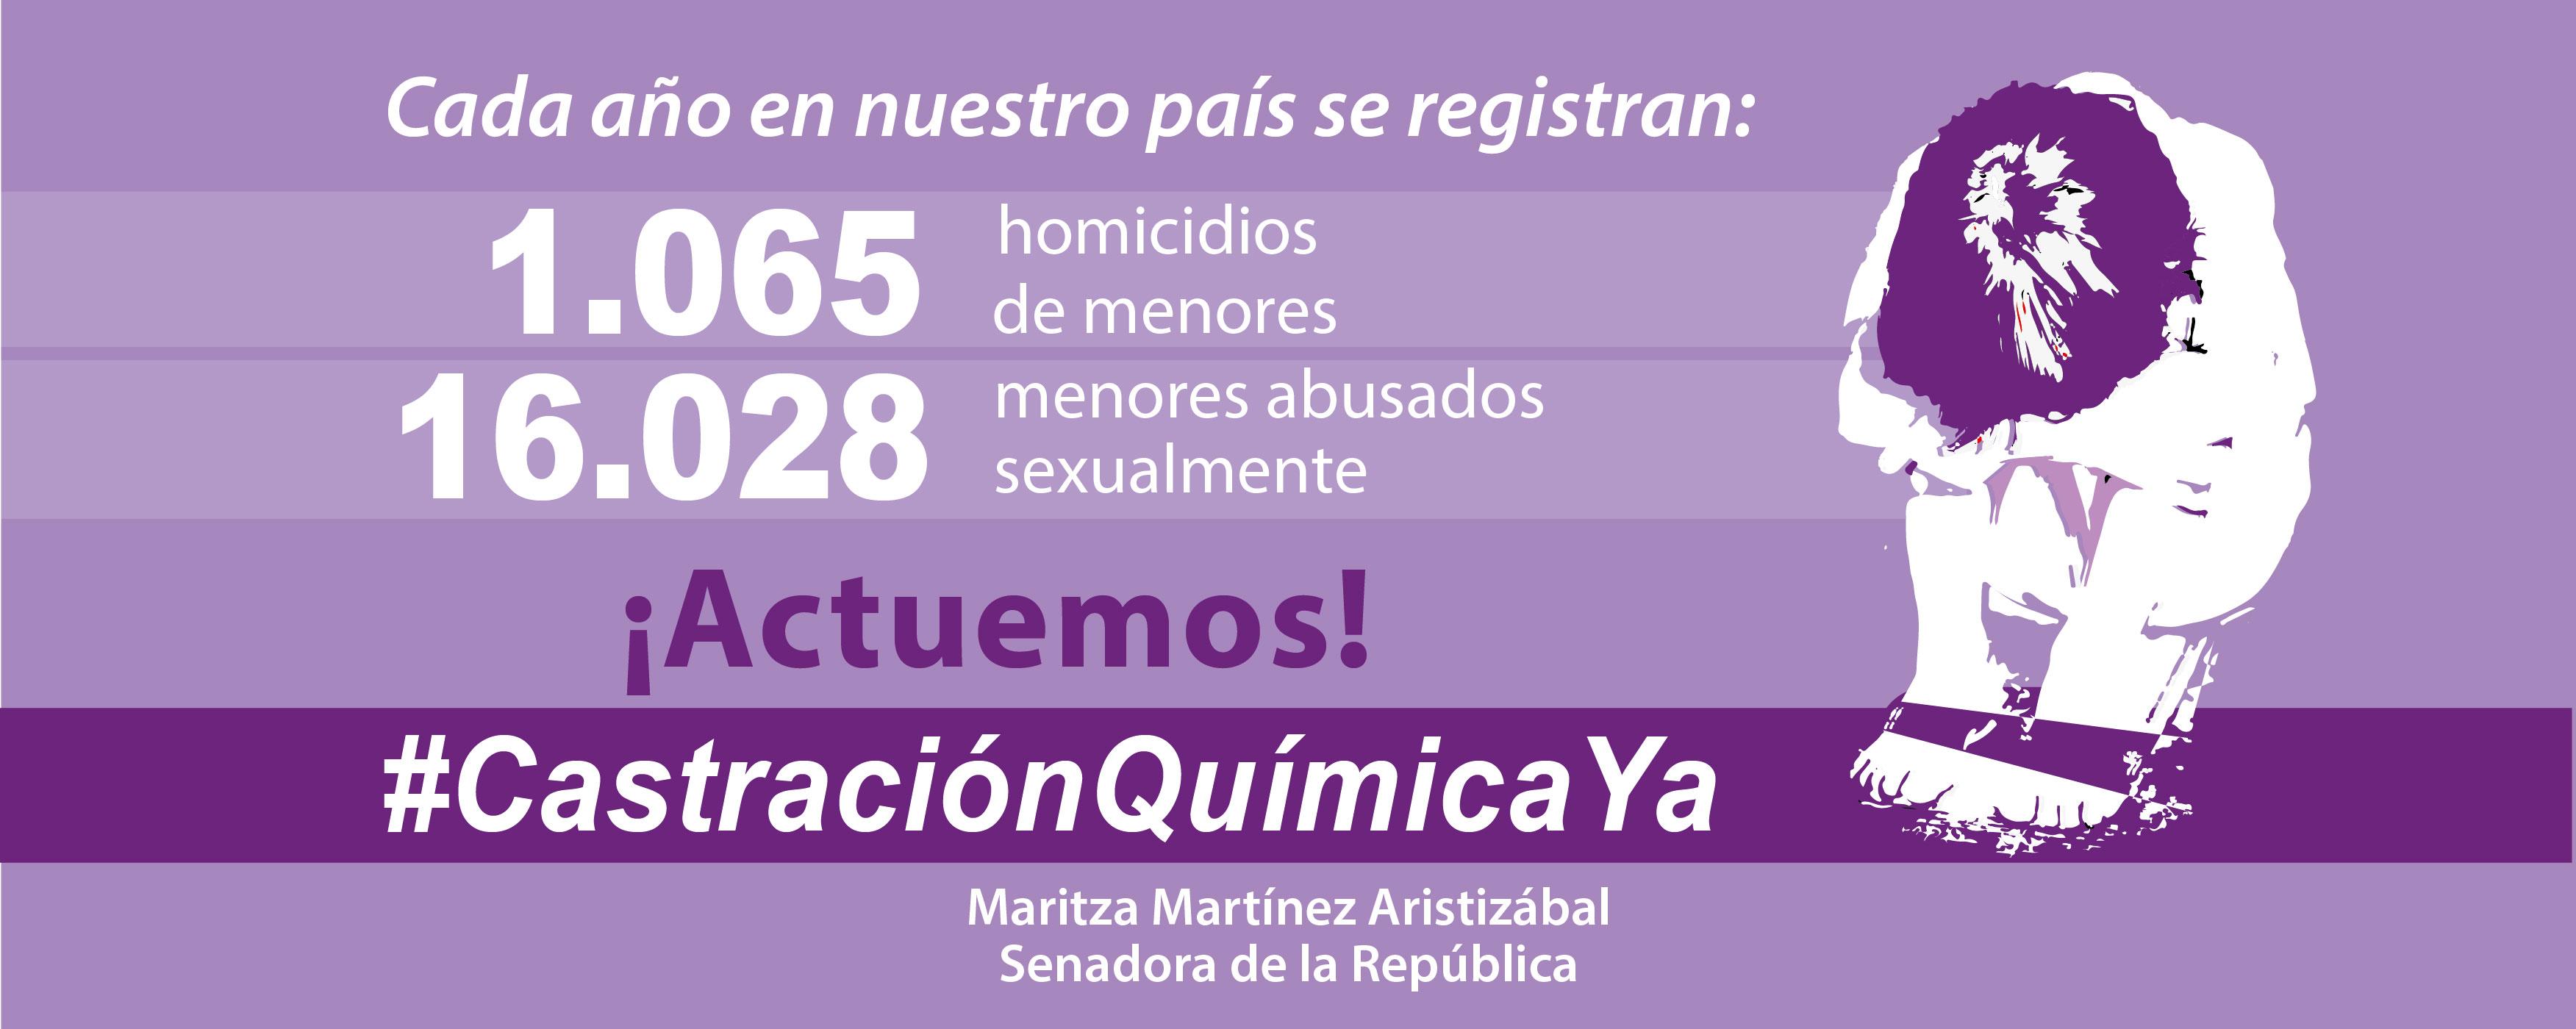 #CastraciónQuímicaYa